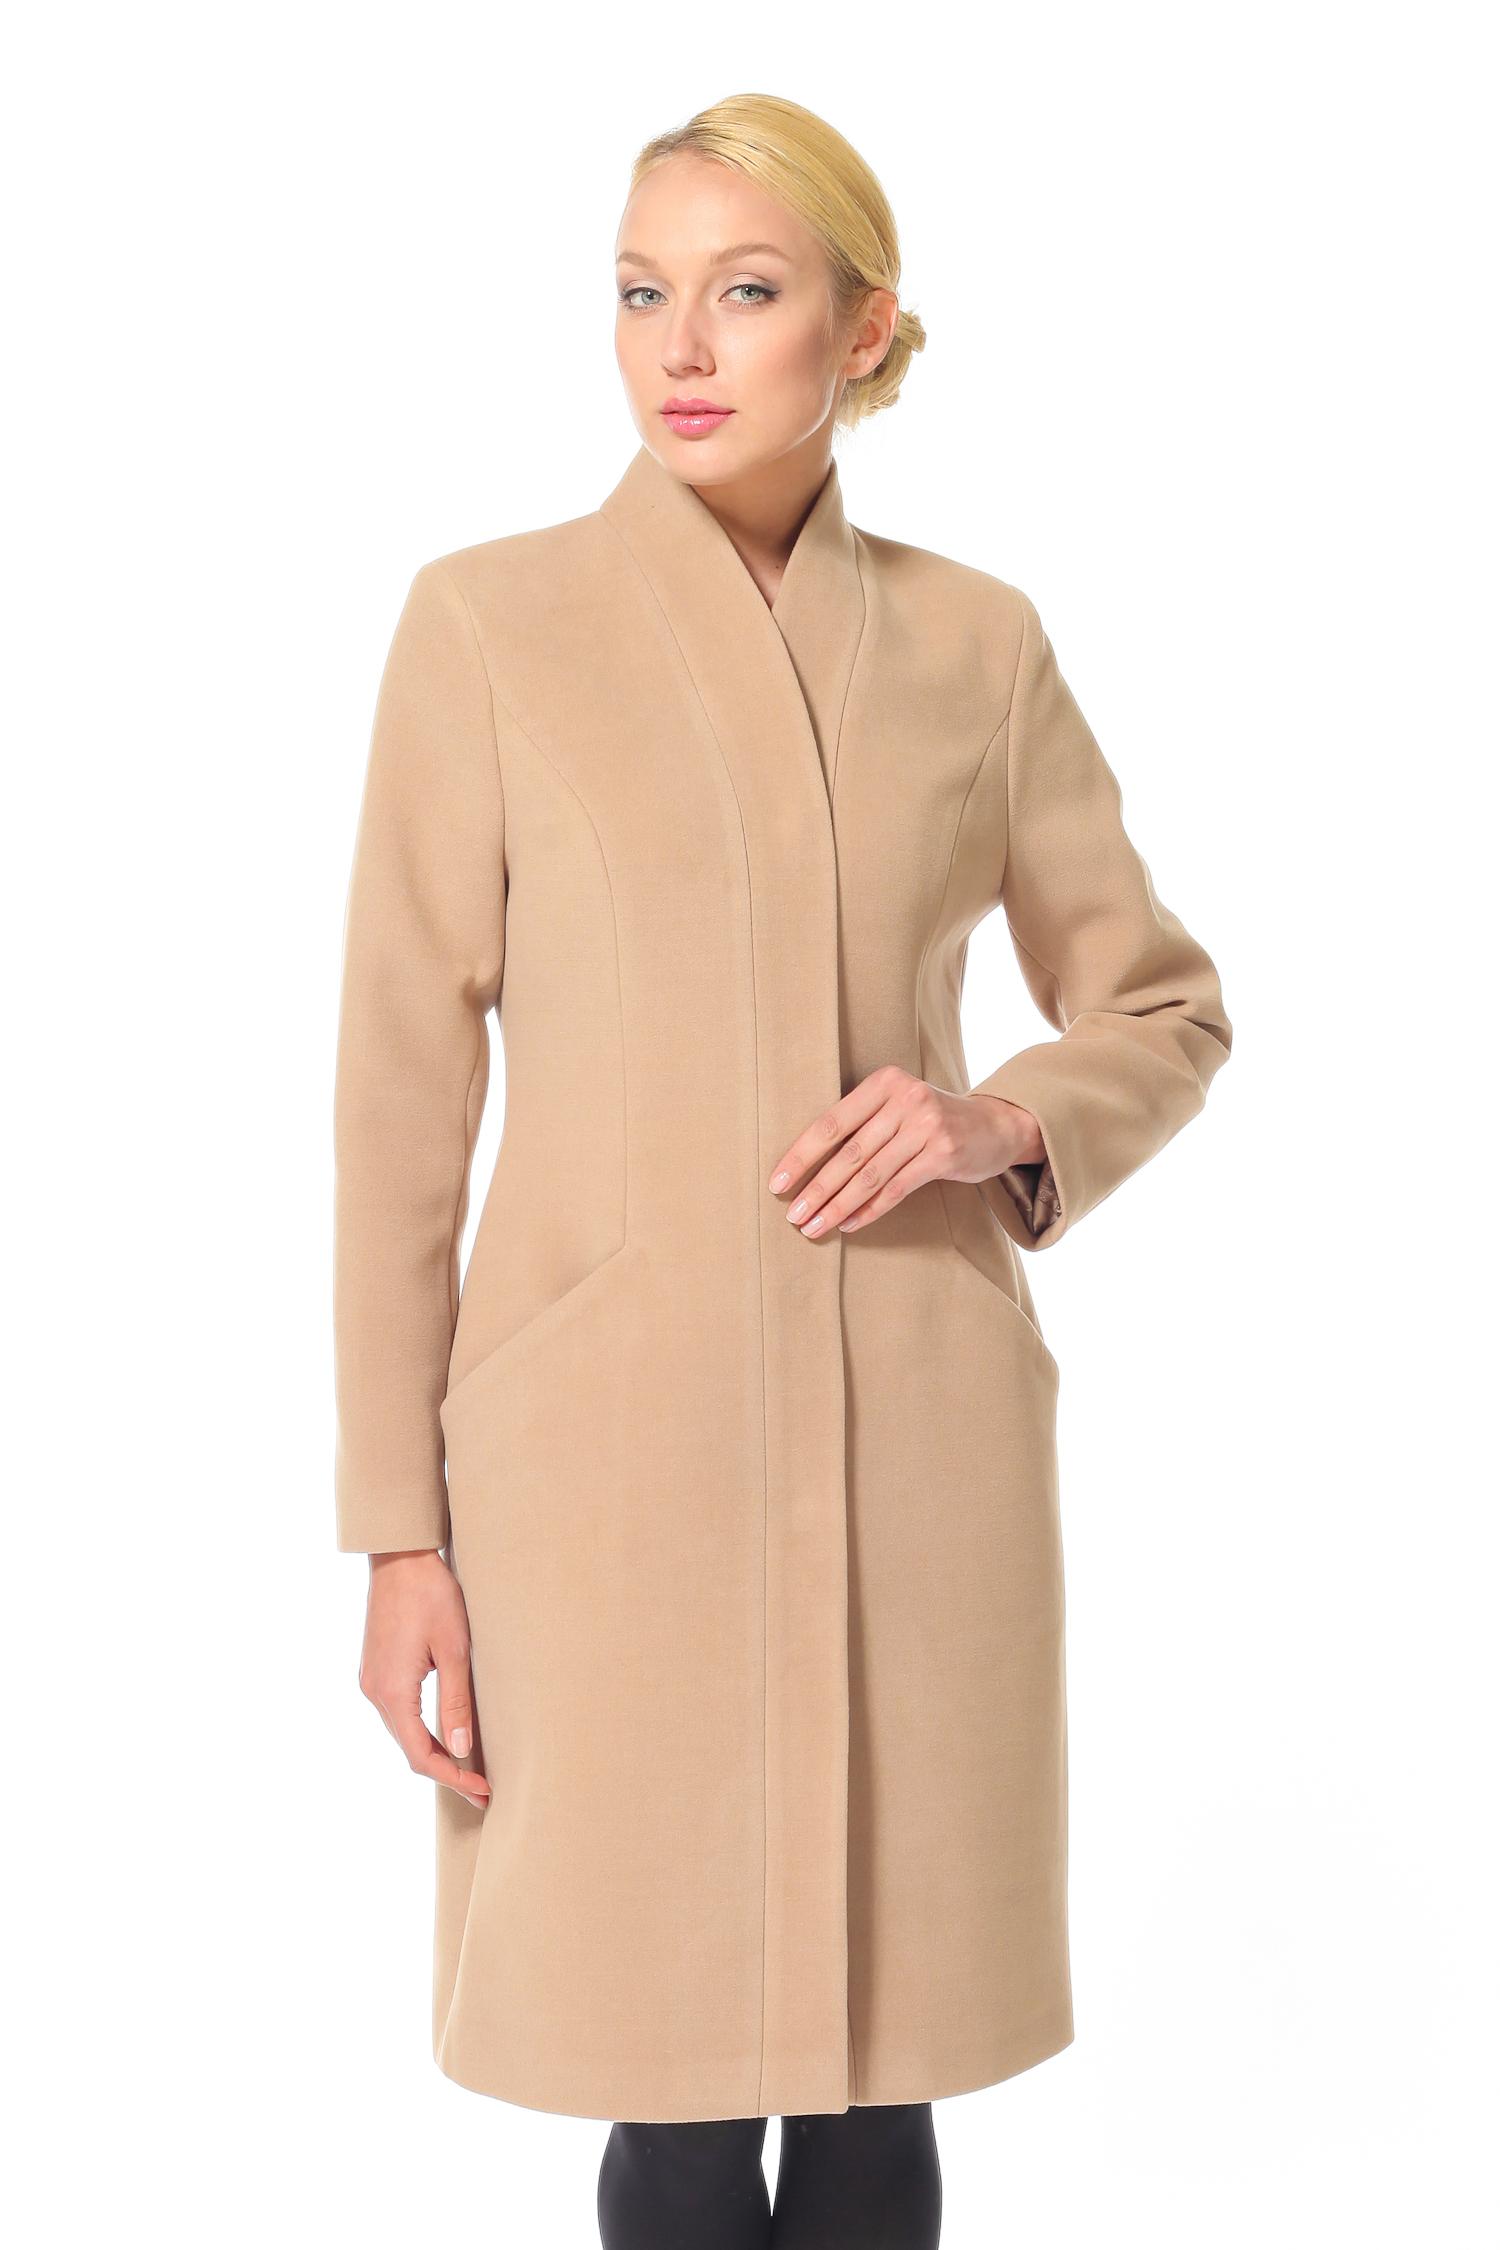 Женское пальто с воротником, без отделки<br><br>Воротник: Оригинальный<br>Длина см: 100<br>Материал: Текстиль<br>Цвет: Светло-коричневый<br>Пол: Женский